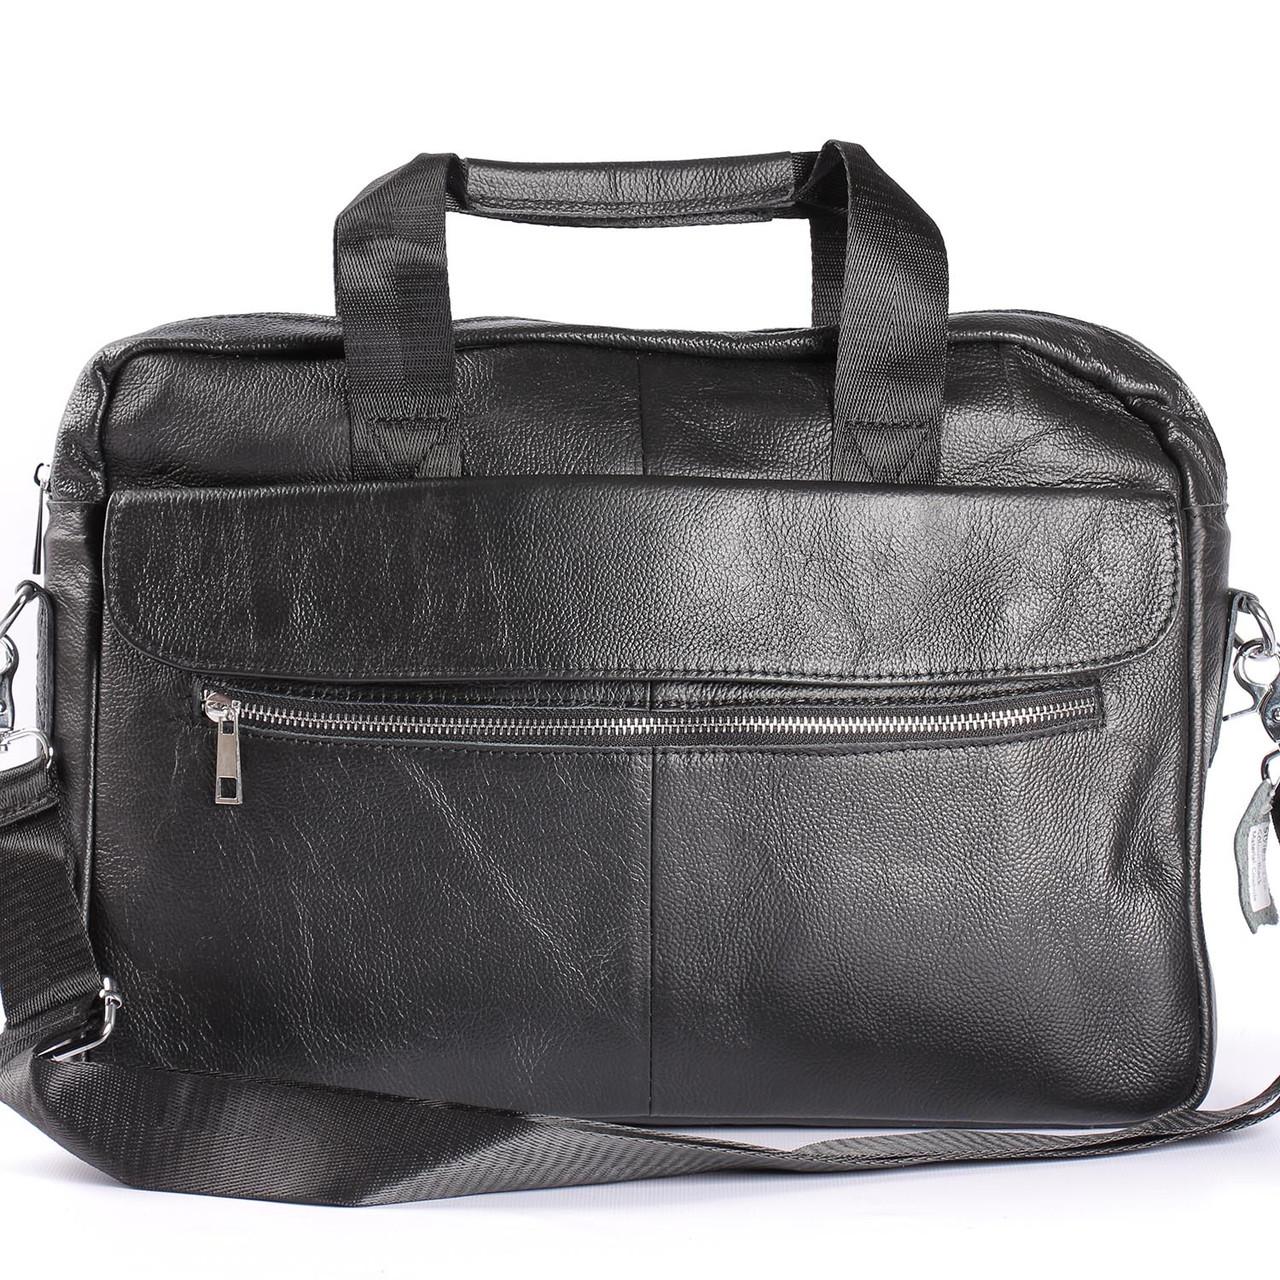 ad7eba1598ac Качественный кожаный портфель для ноутбука, деловой черный